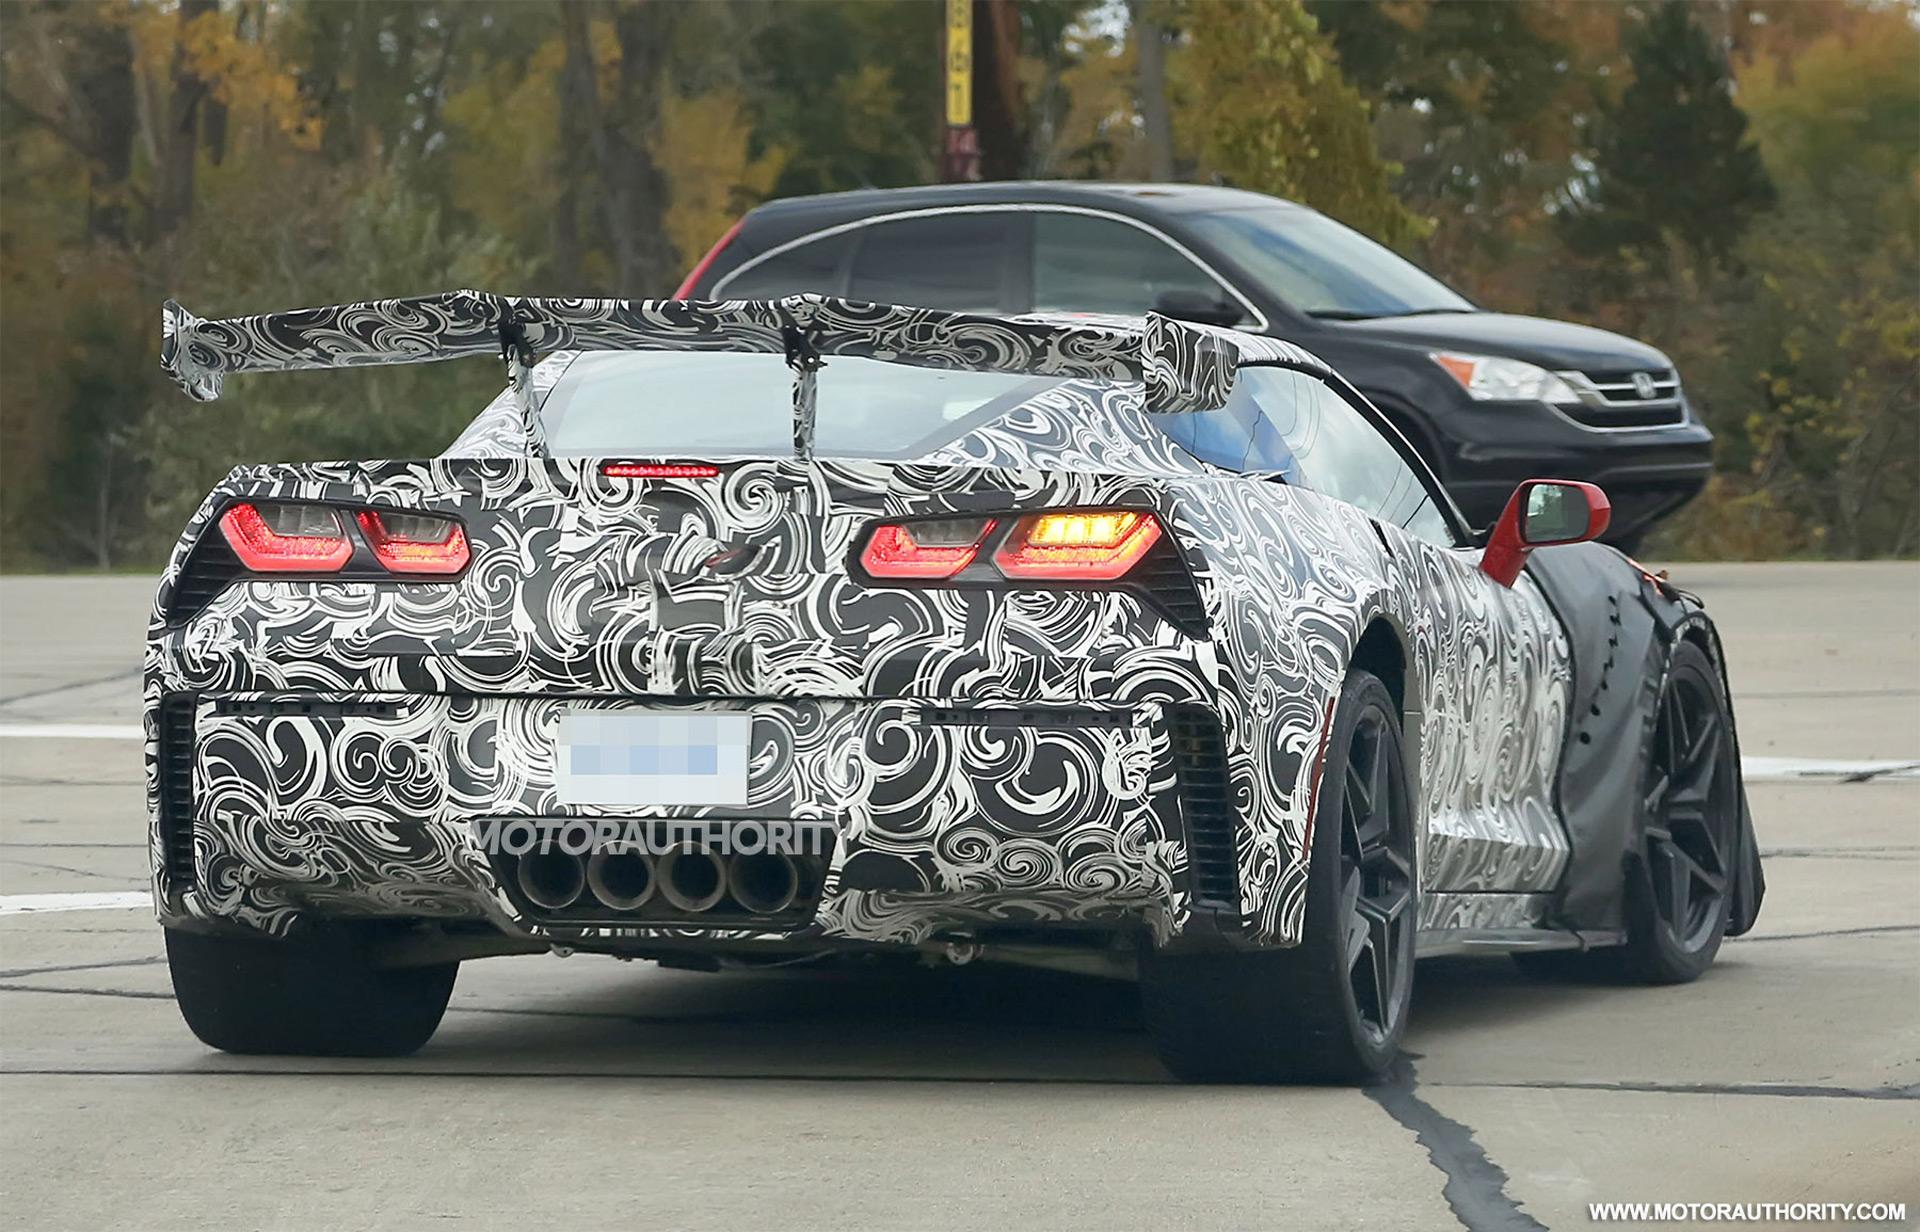 2017 Ford GT, 2018 Chevy Corvette ZR1, 2018 Hyundai Azera ...